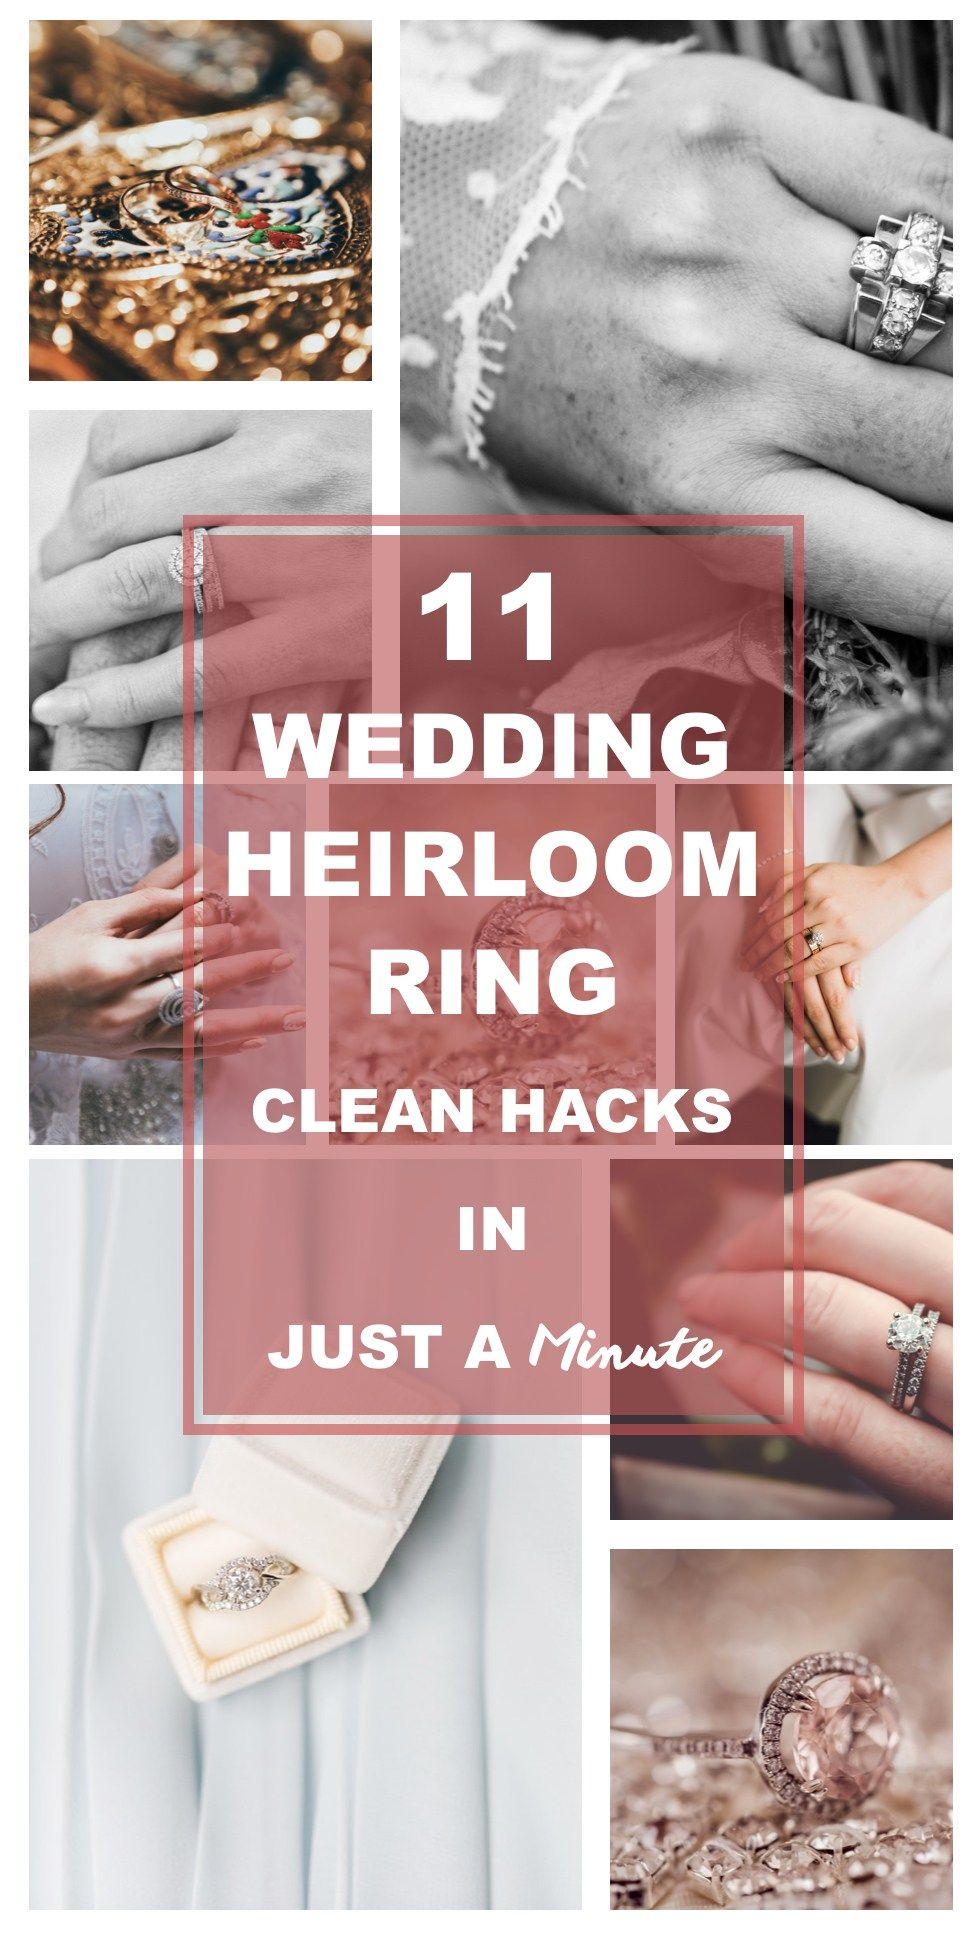 11 One Minute Heirloom Wedding Ring Cleaning Hacks